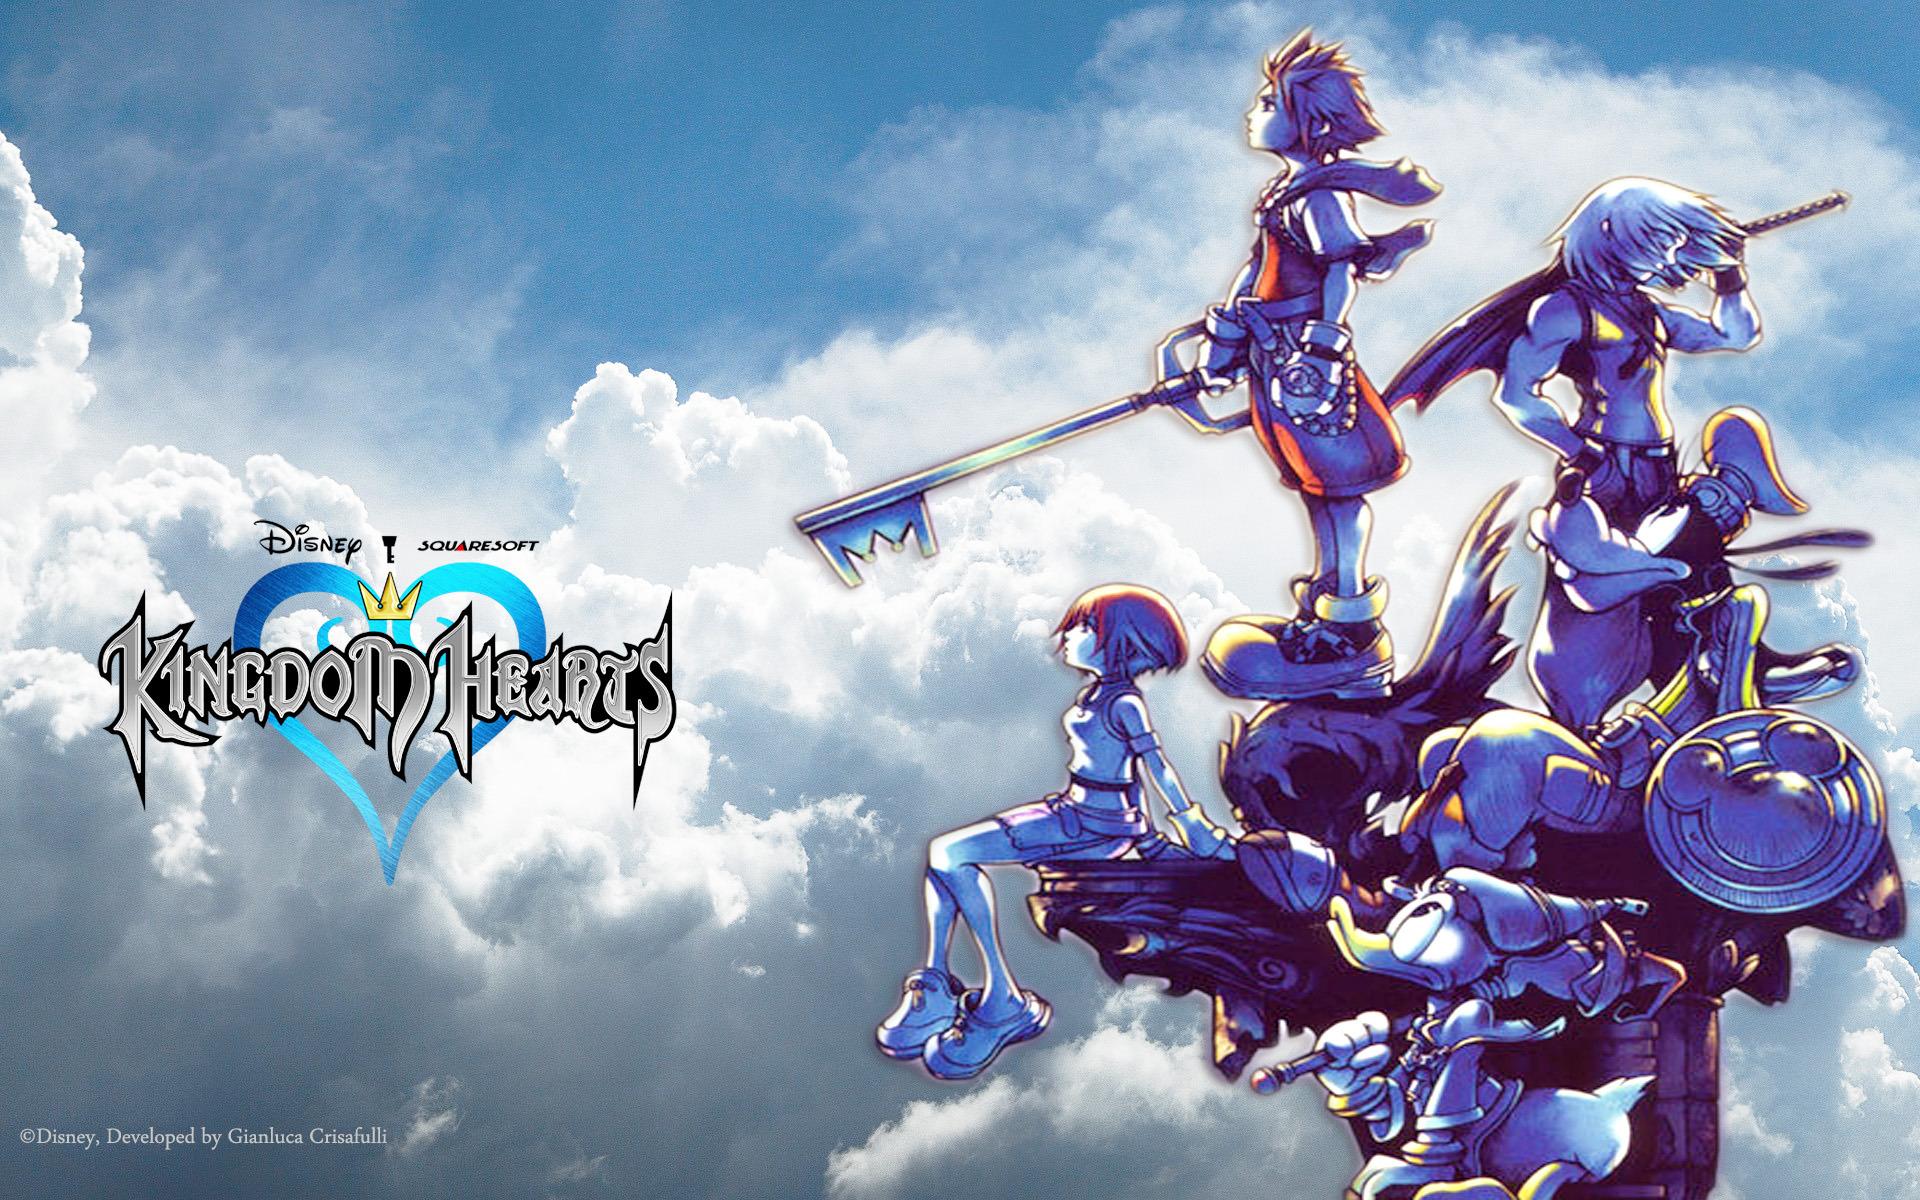 [49+] Kingdom Hearts 3 HD Wallpaper on WallpaperSafari